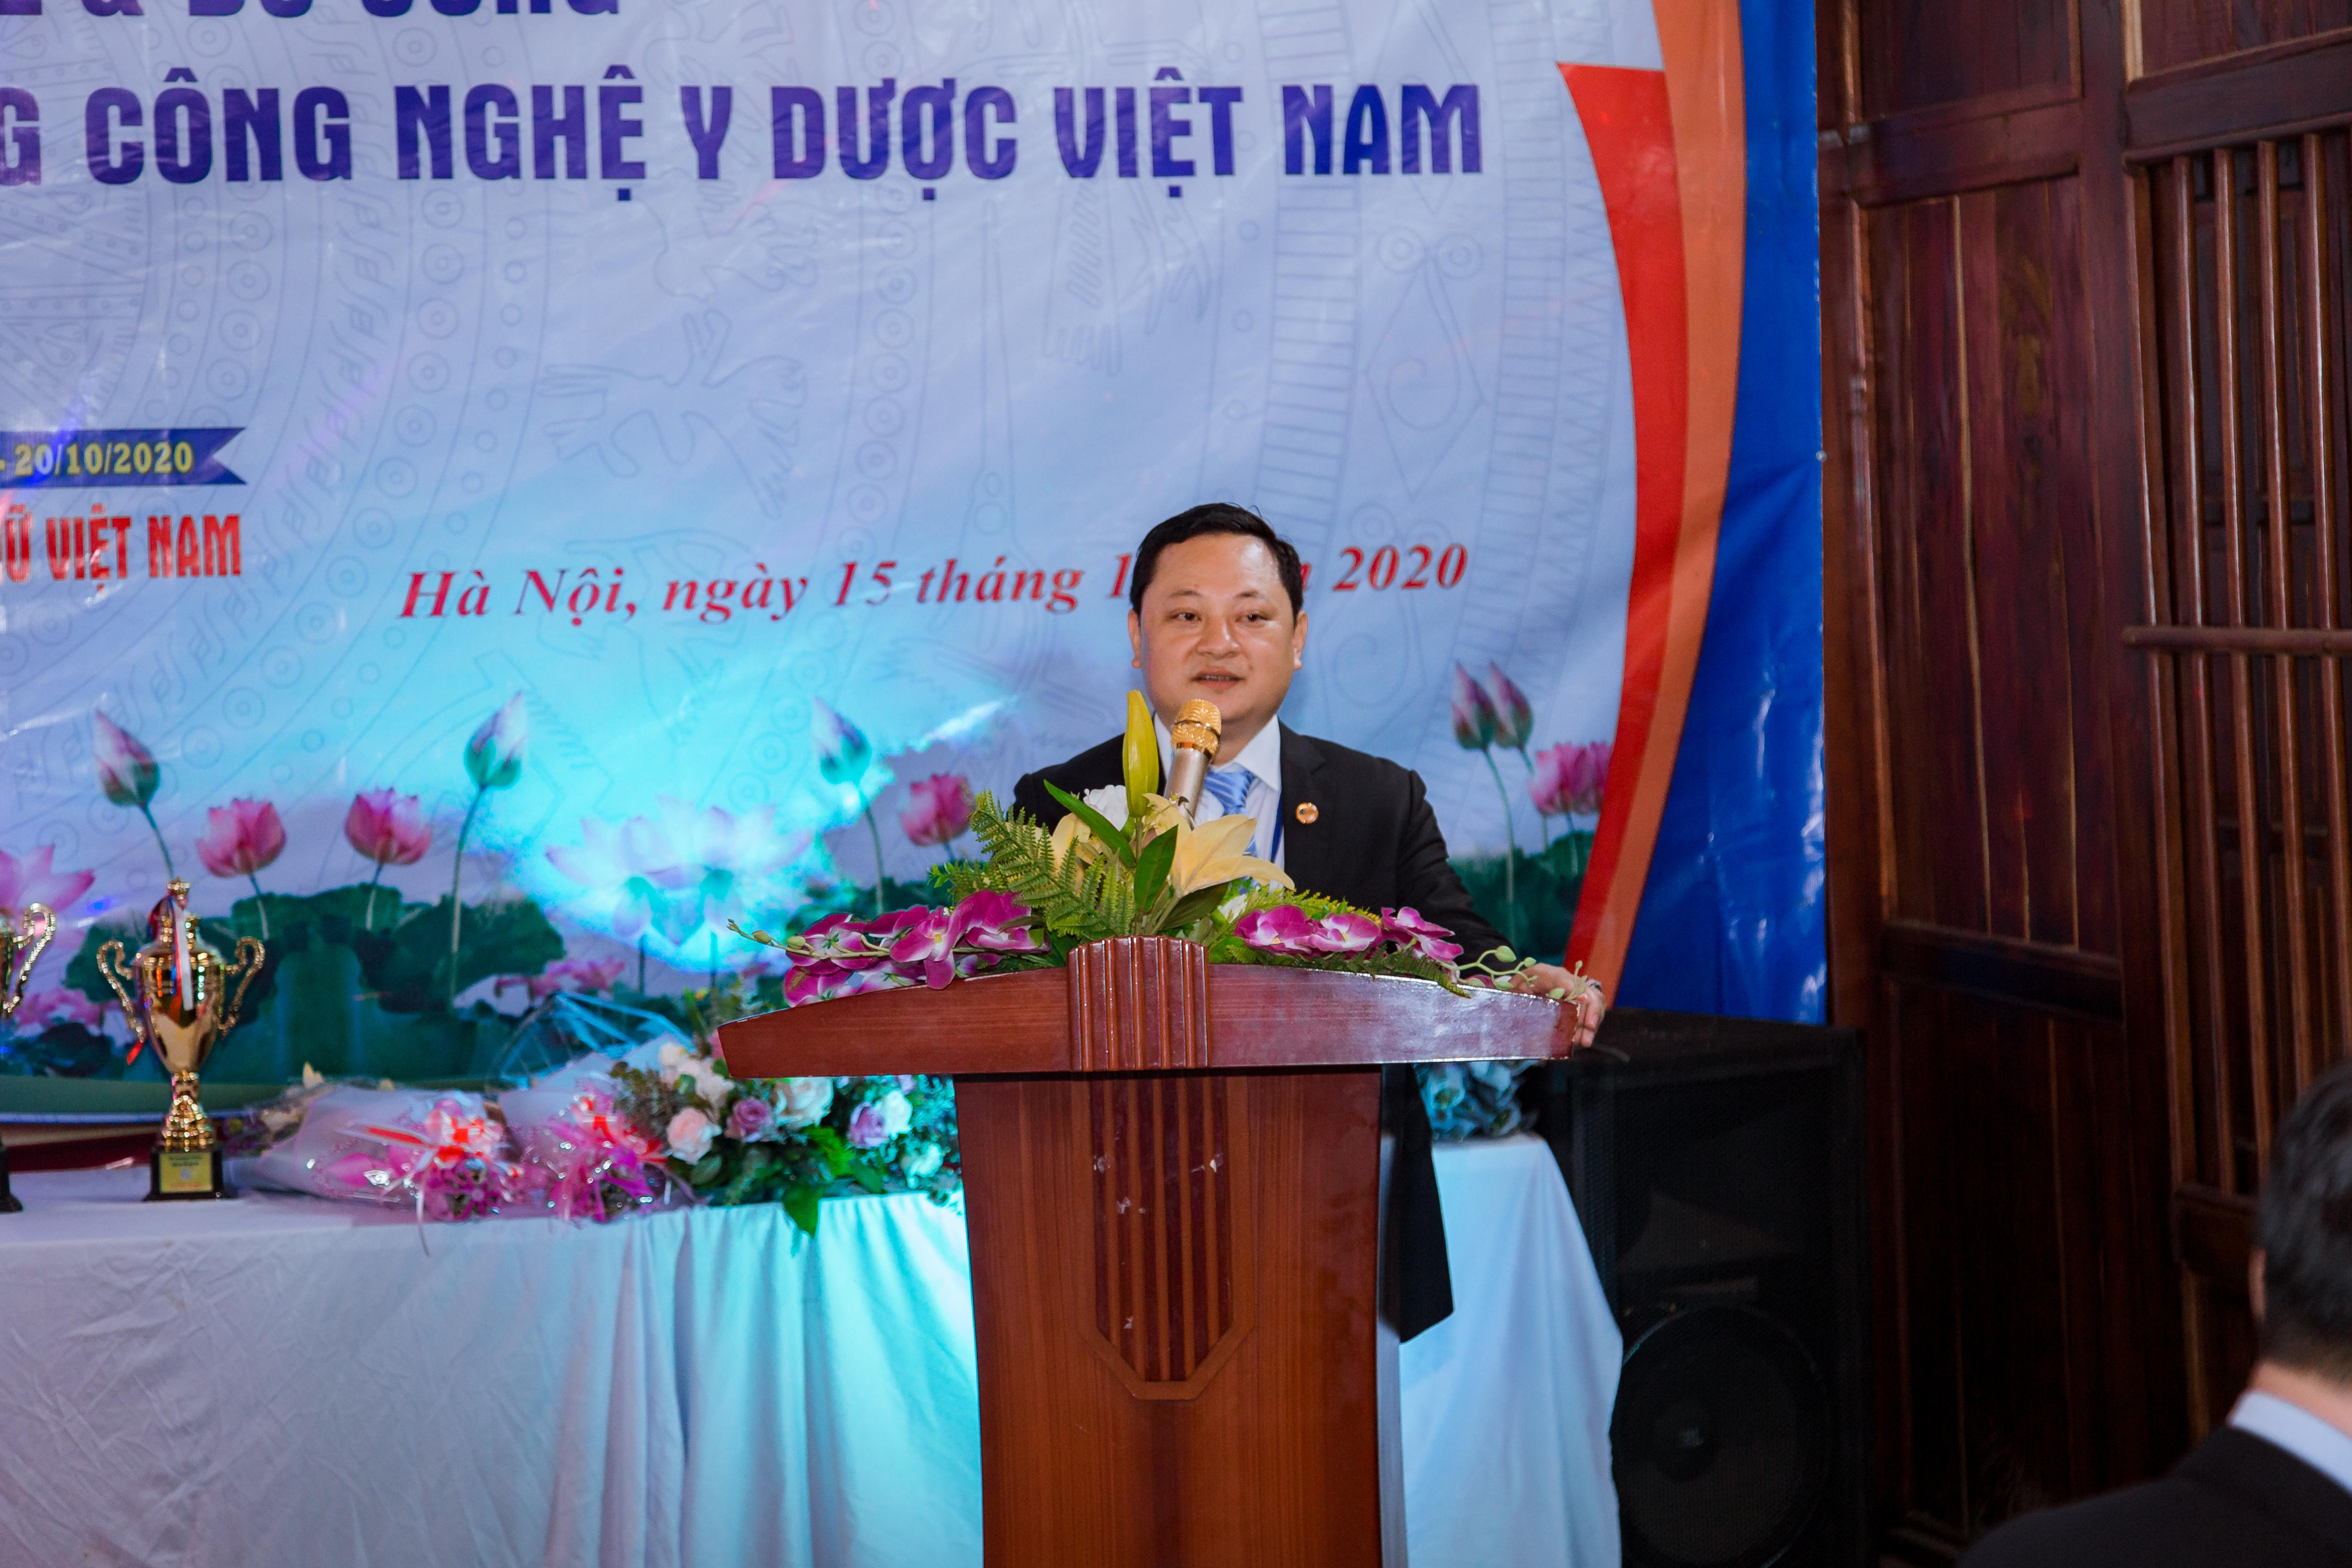 Ông Nguyễn Văn Tuấn – Hiệu trưởng nhà trường phát biểu tại buổi giao lưu